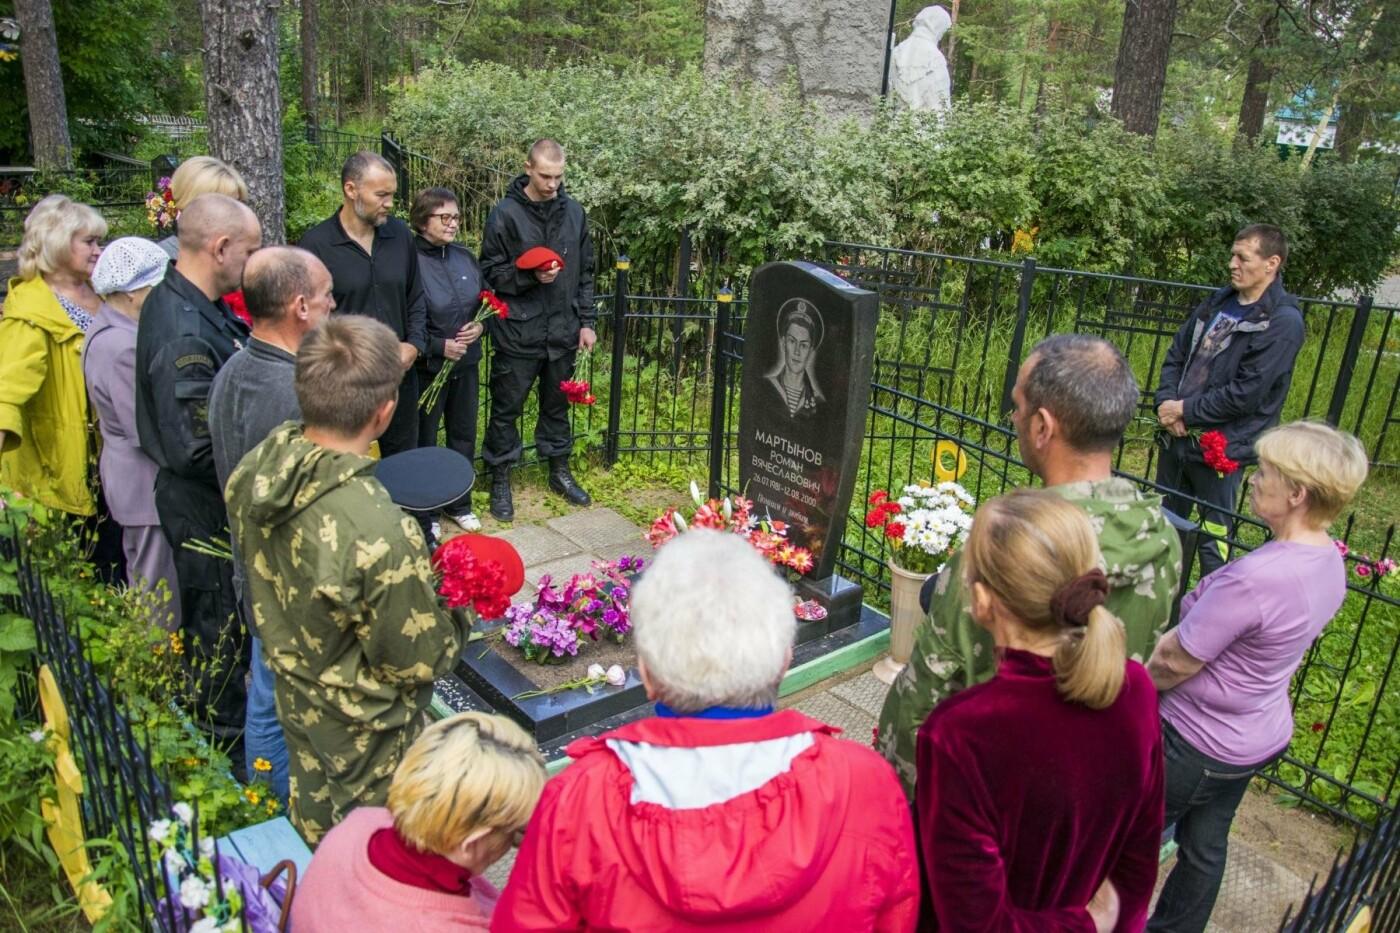 Ухтинцы вспоминали о трёх земляках погибших на подлодке «Курск» 12 августа 2000 года, Фото предоставлено пресс-службой АМОГО «Ухта»